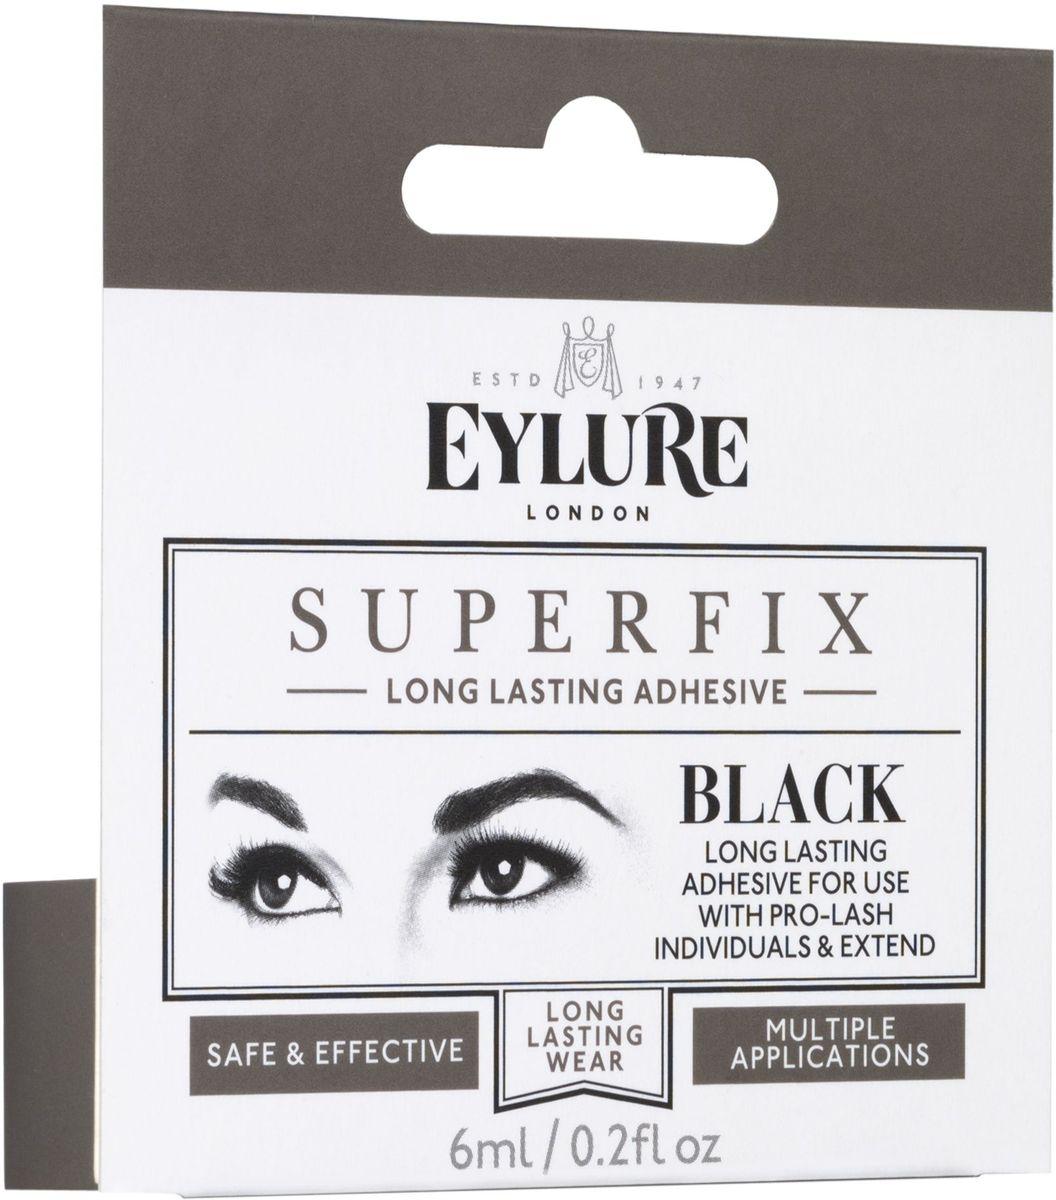 Eylure Клей для наращивания пучков и ресниц, цвет: черный, 6 мл6003004Клей для наращивания пучков и ресниц черный